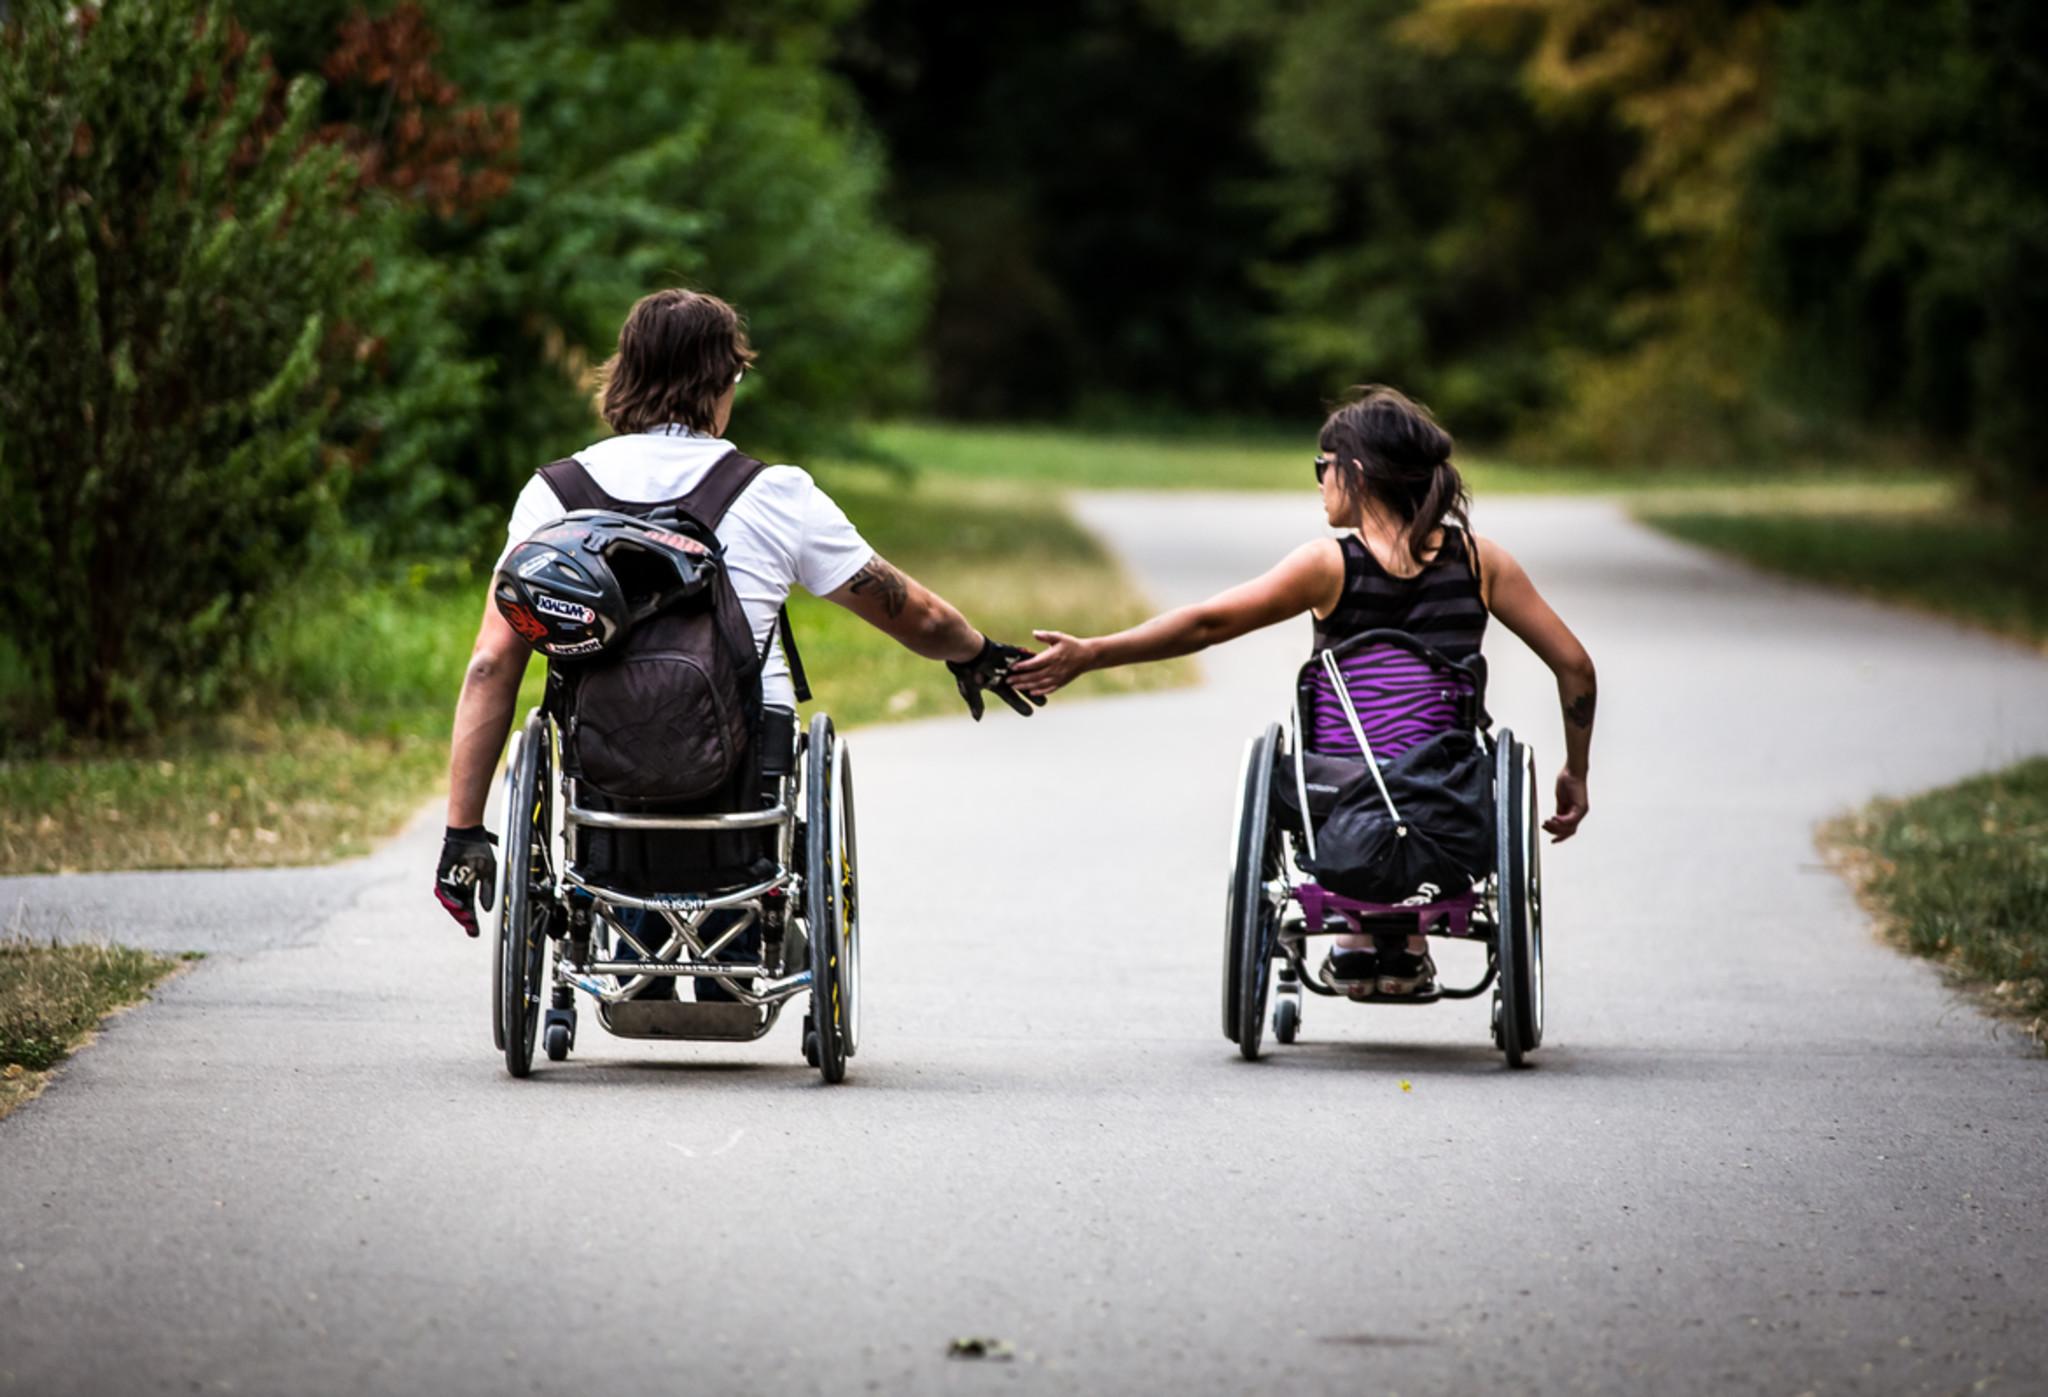 Ein Rollstuhlfahrer und eine Rollstuhlfahrerin von hinten, sie halten Händchen.